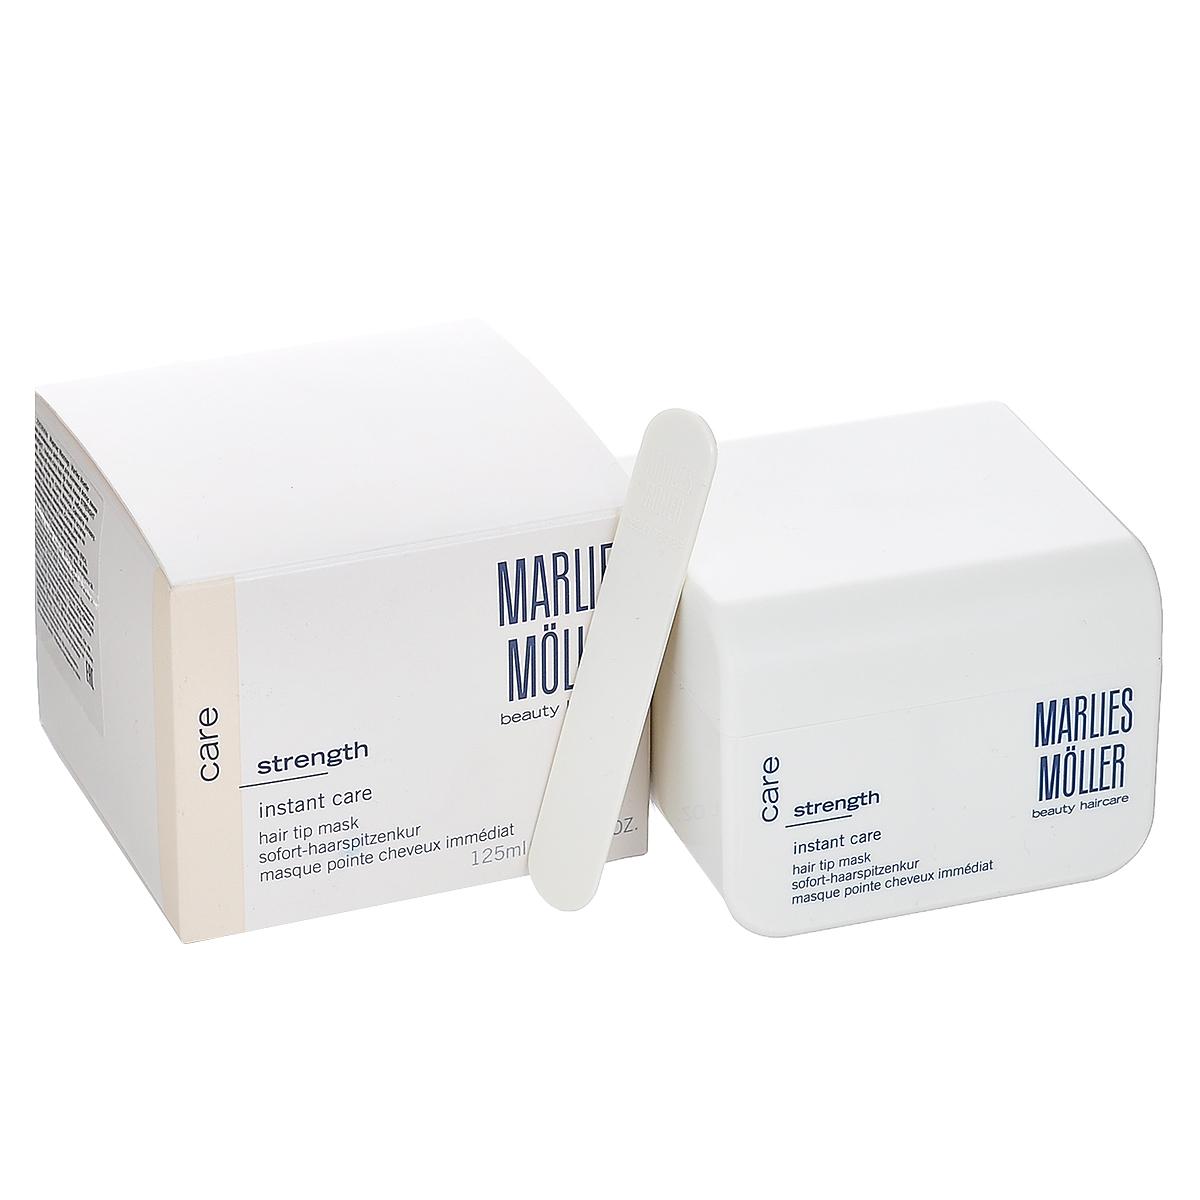 Marlies Moller Маска Strength, мгновенного действия, для кончиков волос, 125 мл28MMsМаска Marlies Moller Strength содержит лечебный комплекс с моментальным эффектом. Укрепляет волосы, придает им упругость и эластичность. Применение : нанесите небольшое количество маски на сухие волосы. Сделайте укладку. Или оставьте на 10 минут, после смойте остатки средства с помощью шампуня.